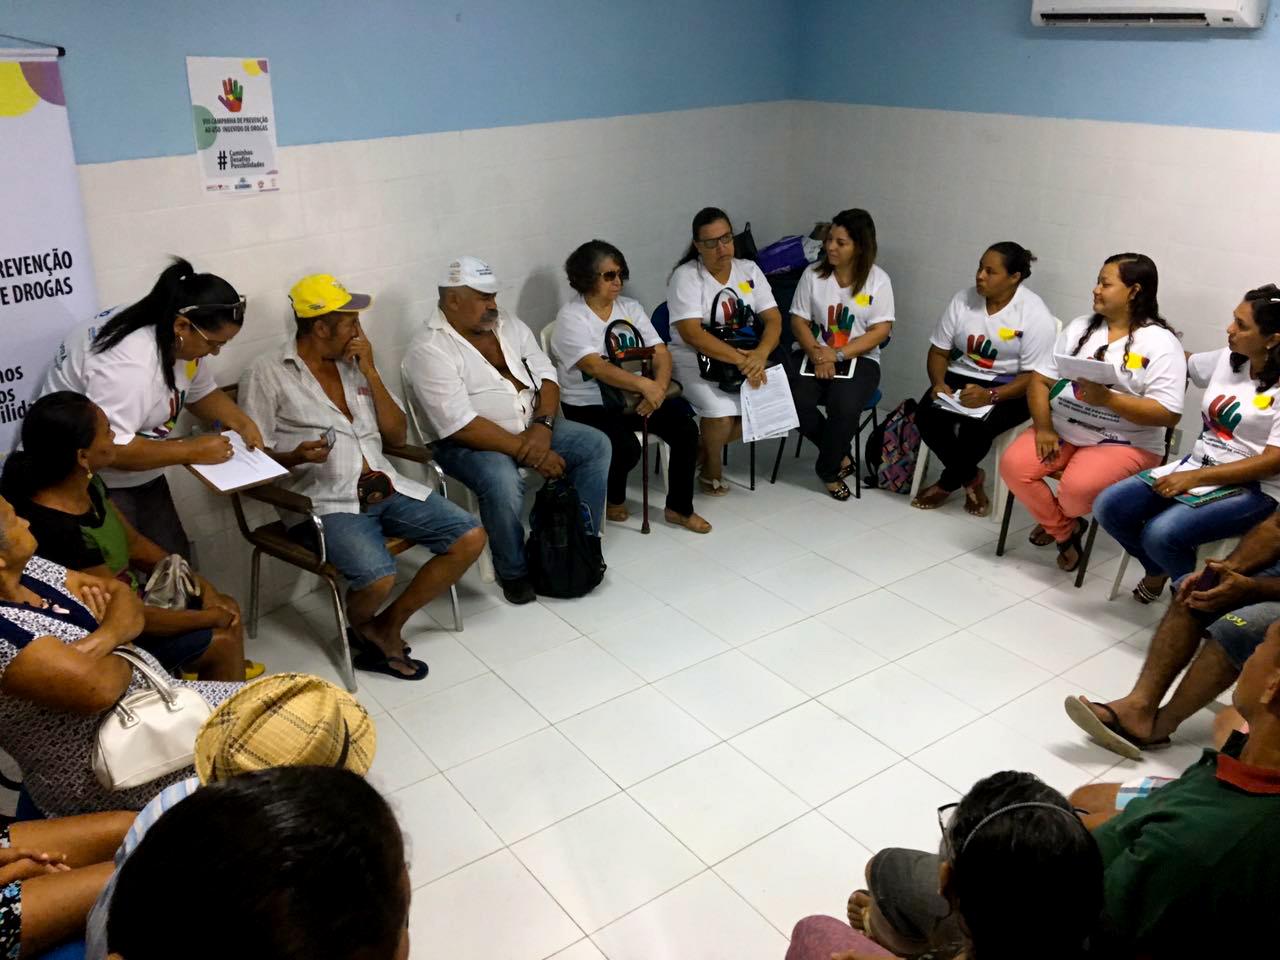 Eusébio realiza ações de prevenção ao uso indevido de drogas nos Postos de Saúde